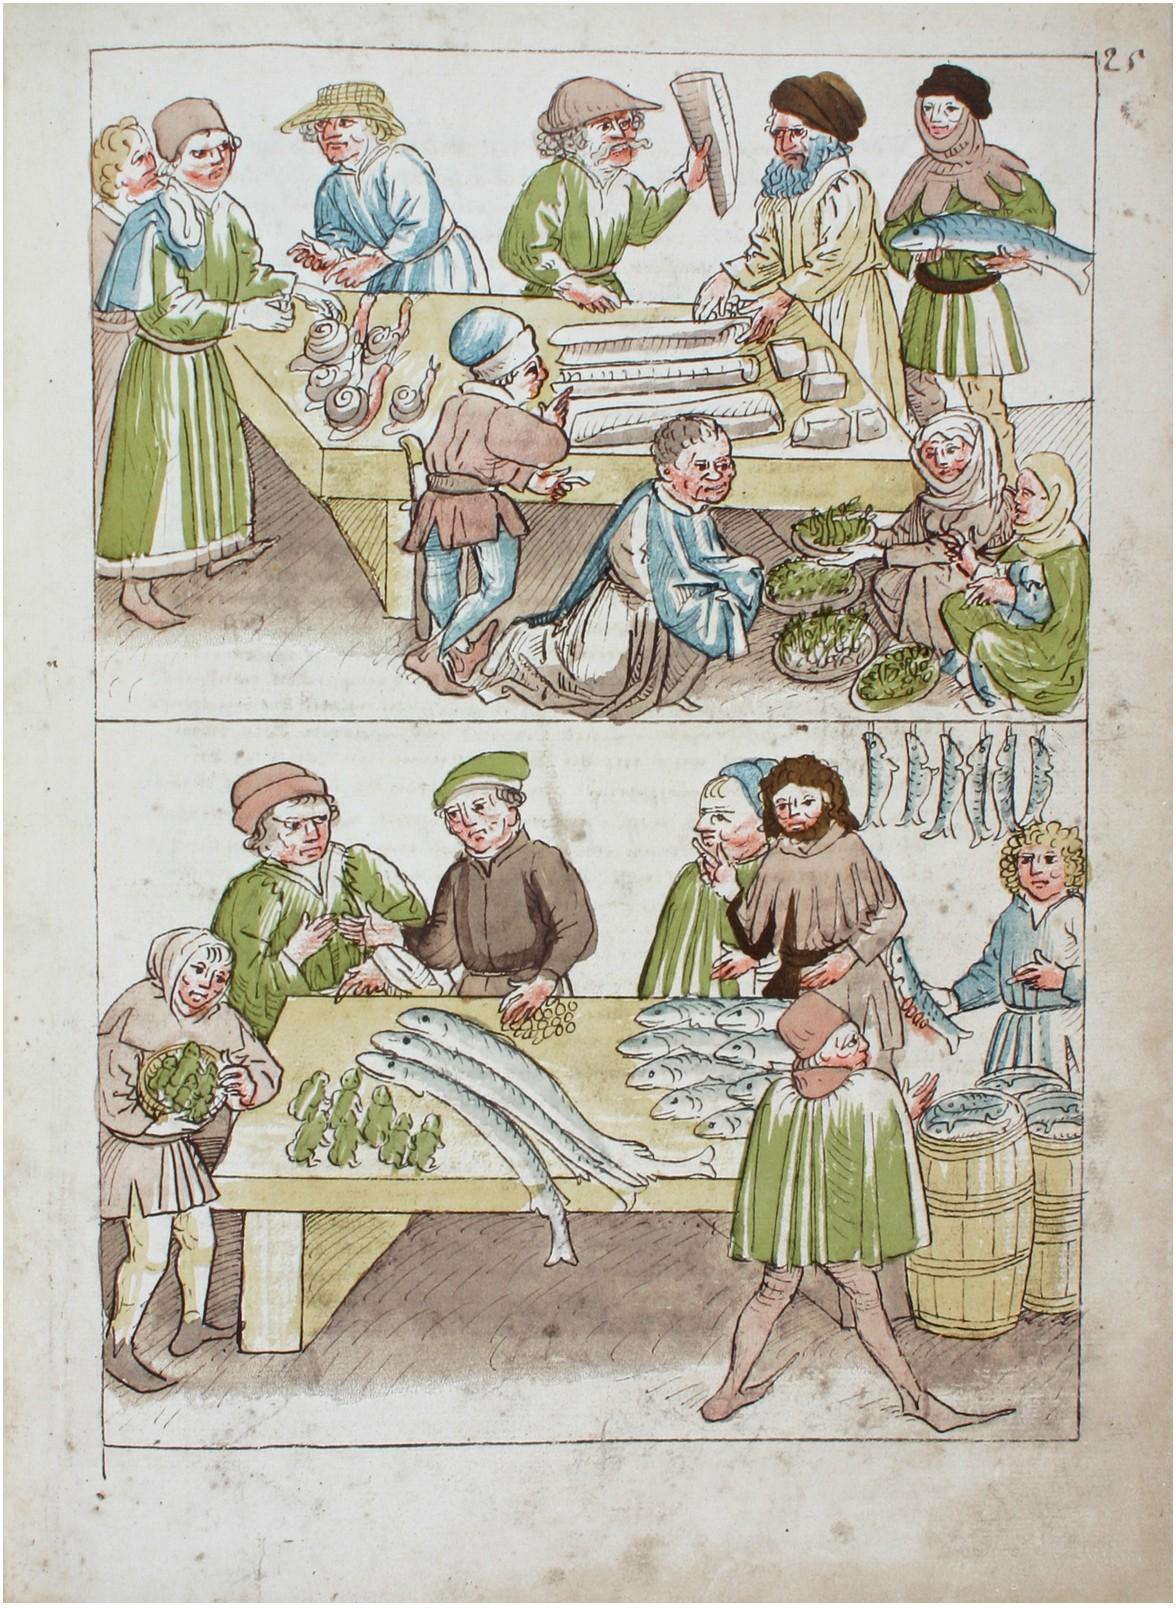 Verkauf von Fischen, Schnecken und Fröschen. Ulrich Richental: Chronik des Konzils von Konstanz (ca. 1464). Konstanz, Rosgartenmuseum, Hs. 1, fol 25r.